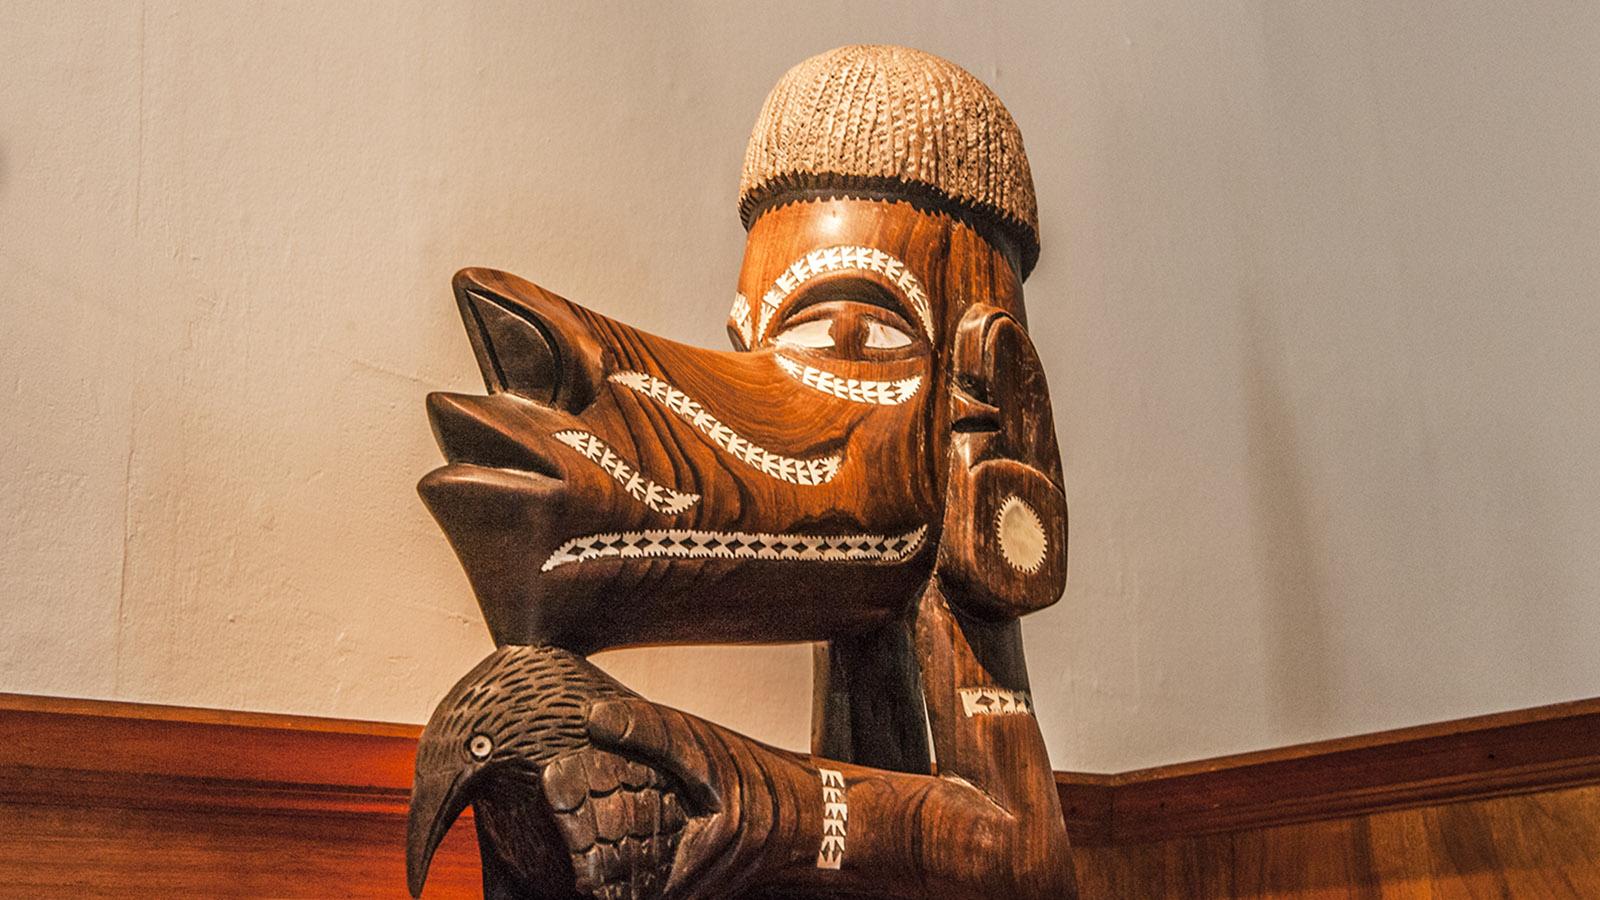 Neukaledonien: Eine der faszinierenden Figuren der Kanaken, die ihr im Château Hagen von Nouméa entdecken könnt. Foto: Hilke Maunder